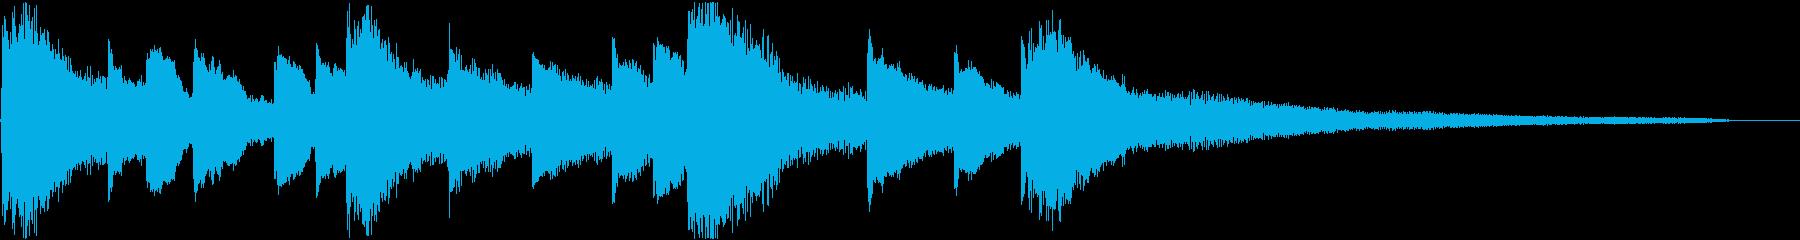 和風でゆったりした雰囲気のピアノジングルの再生済みの波形